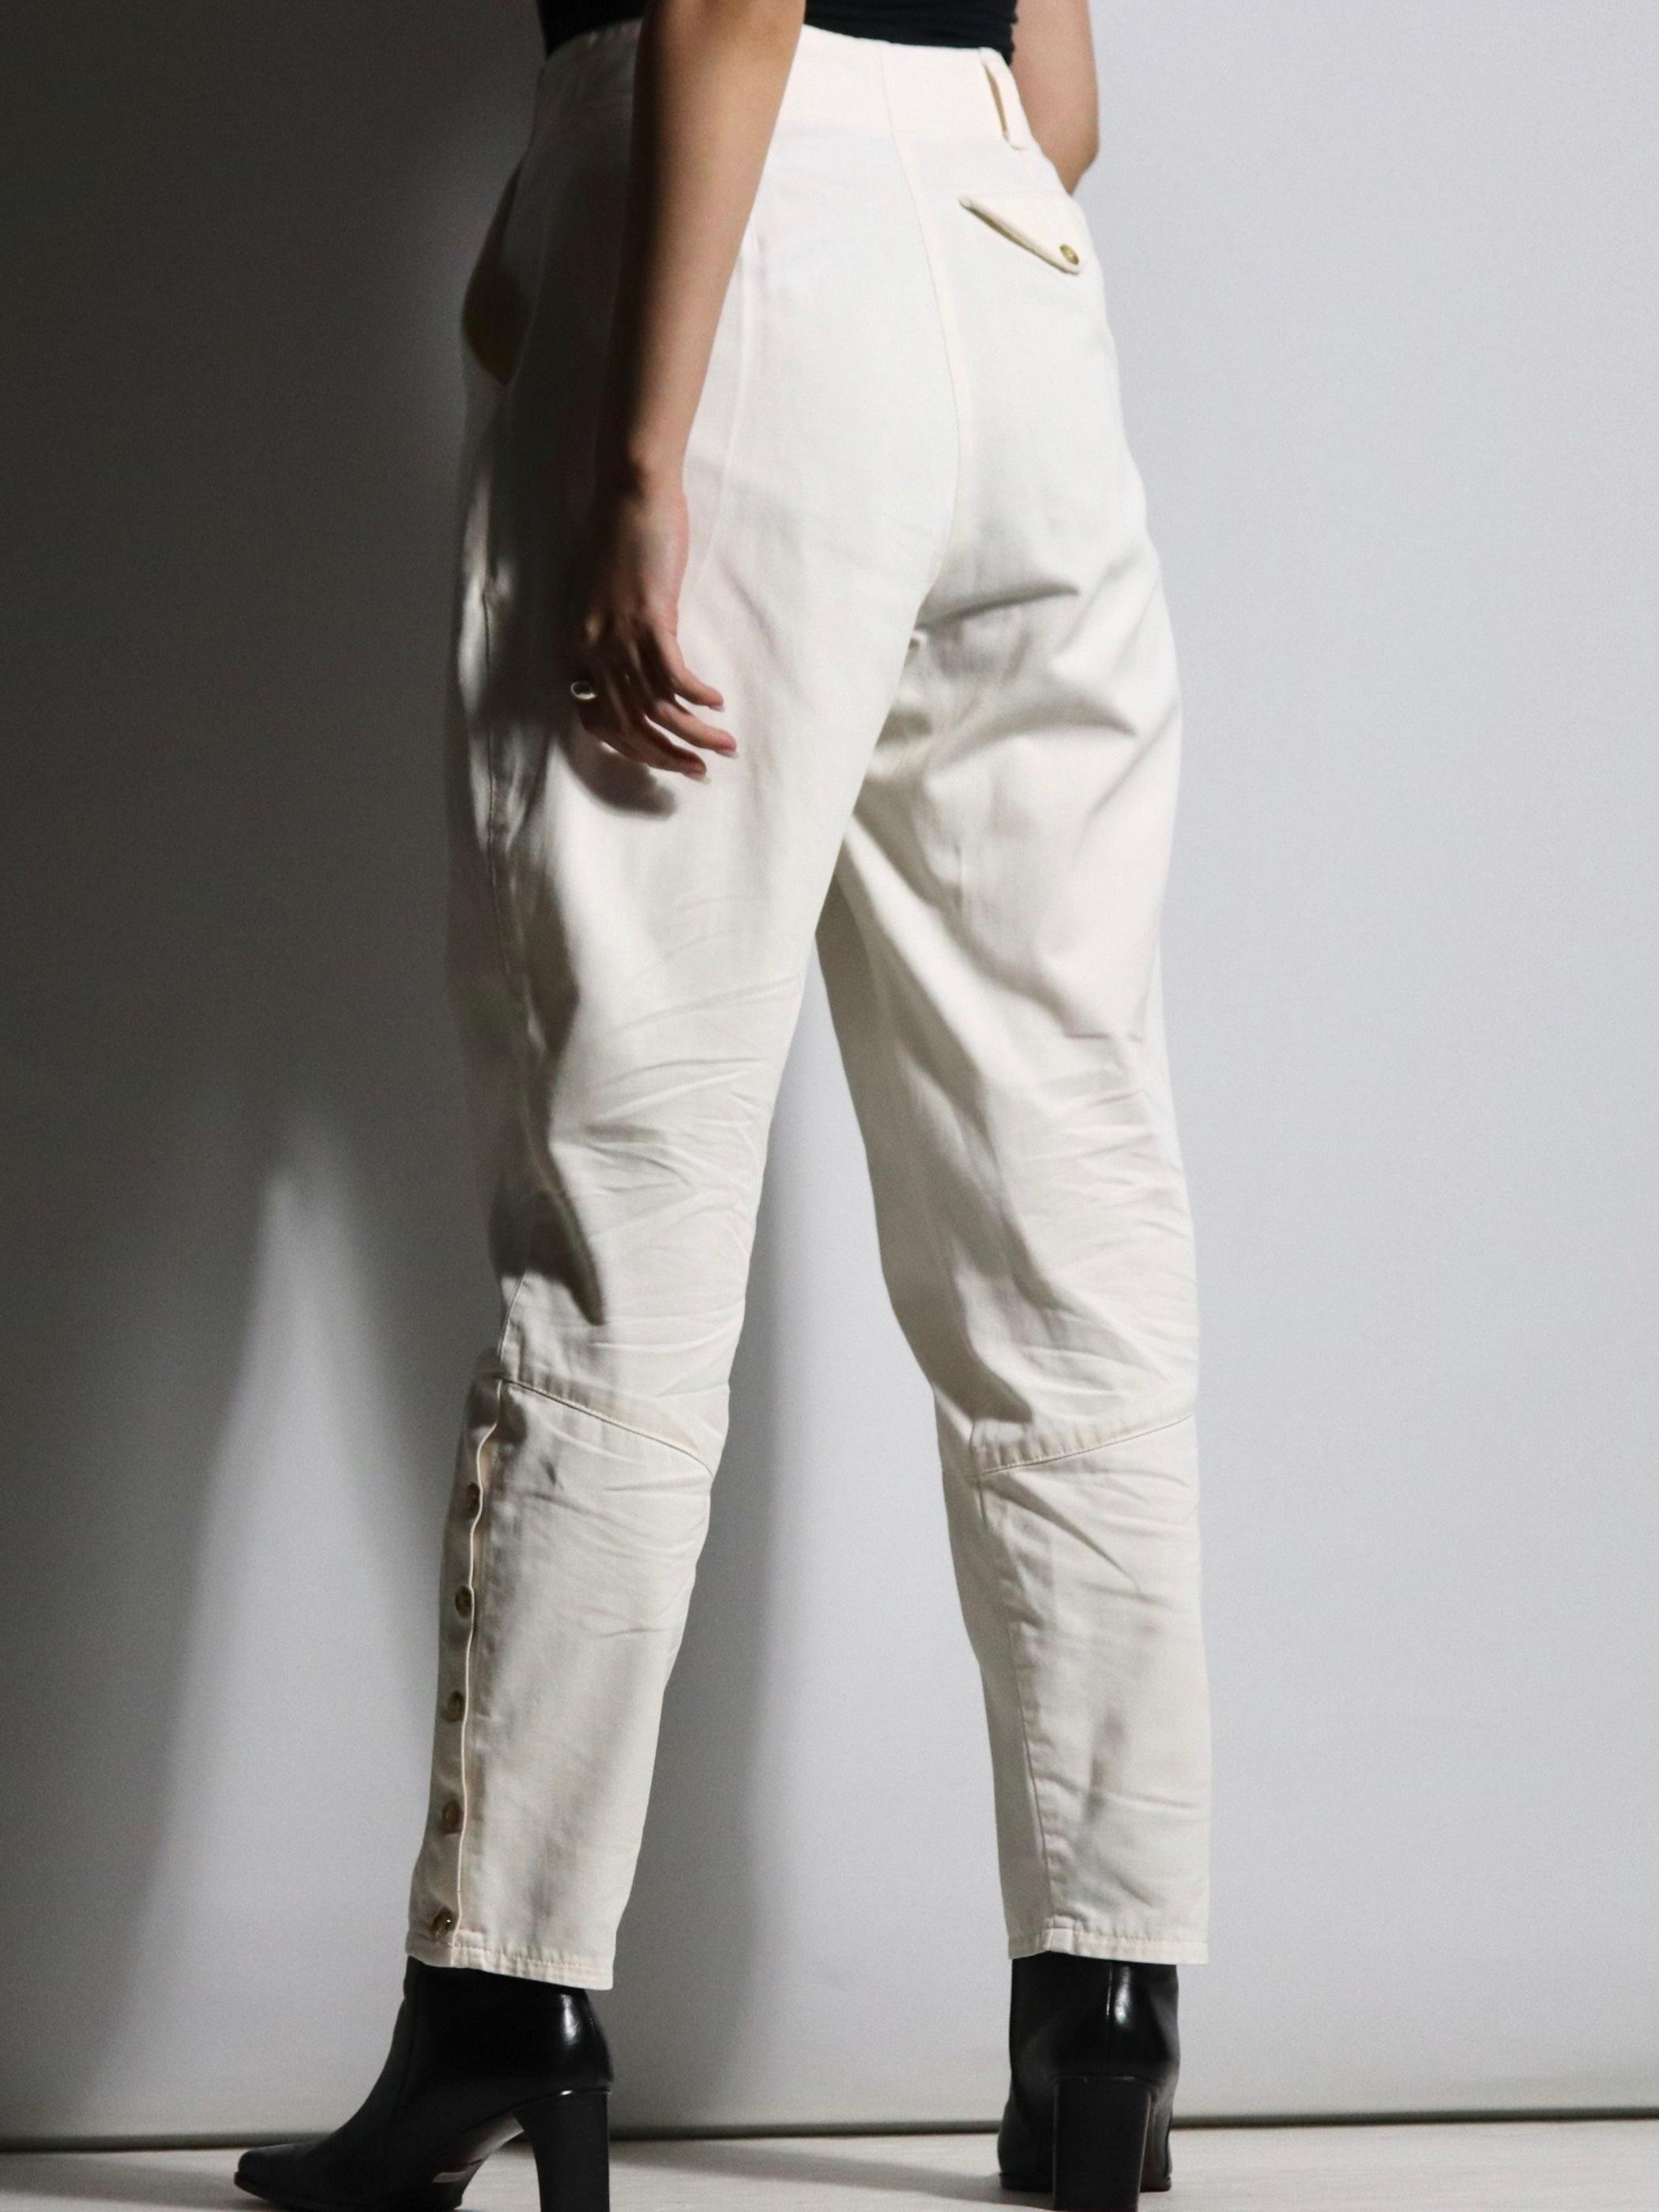 Cotton joppers design pants